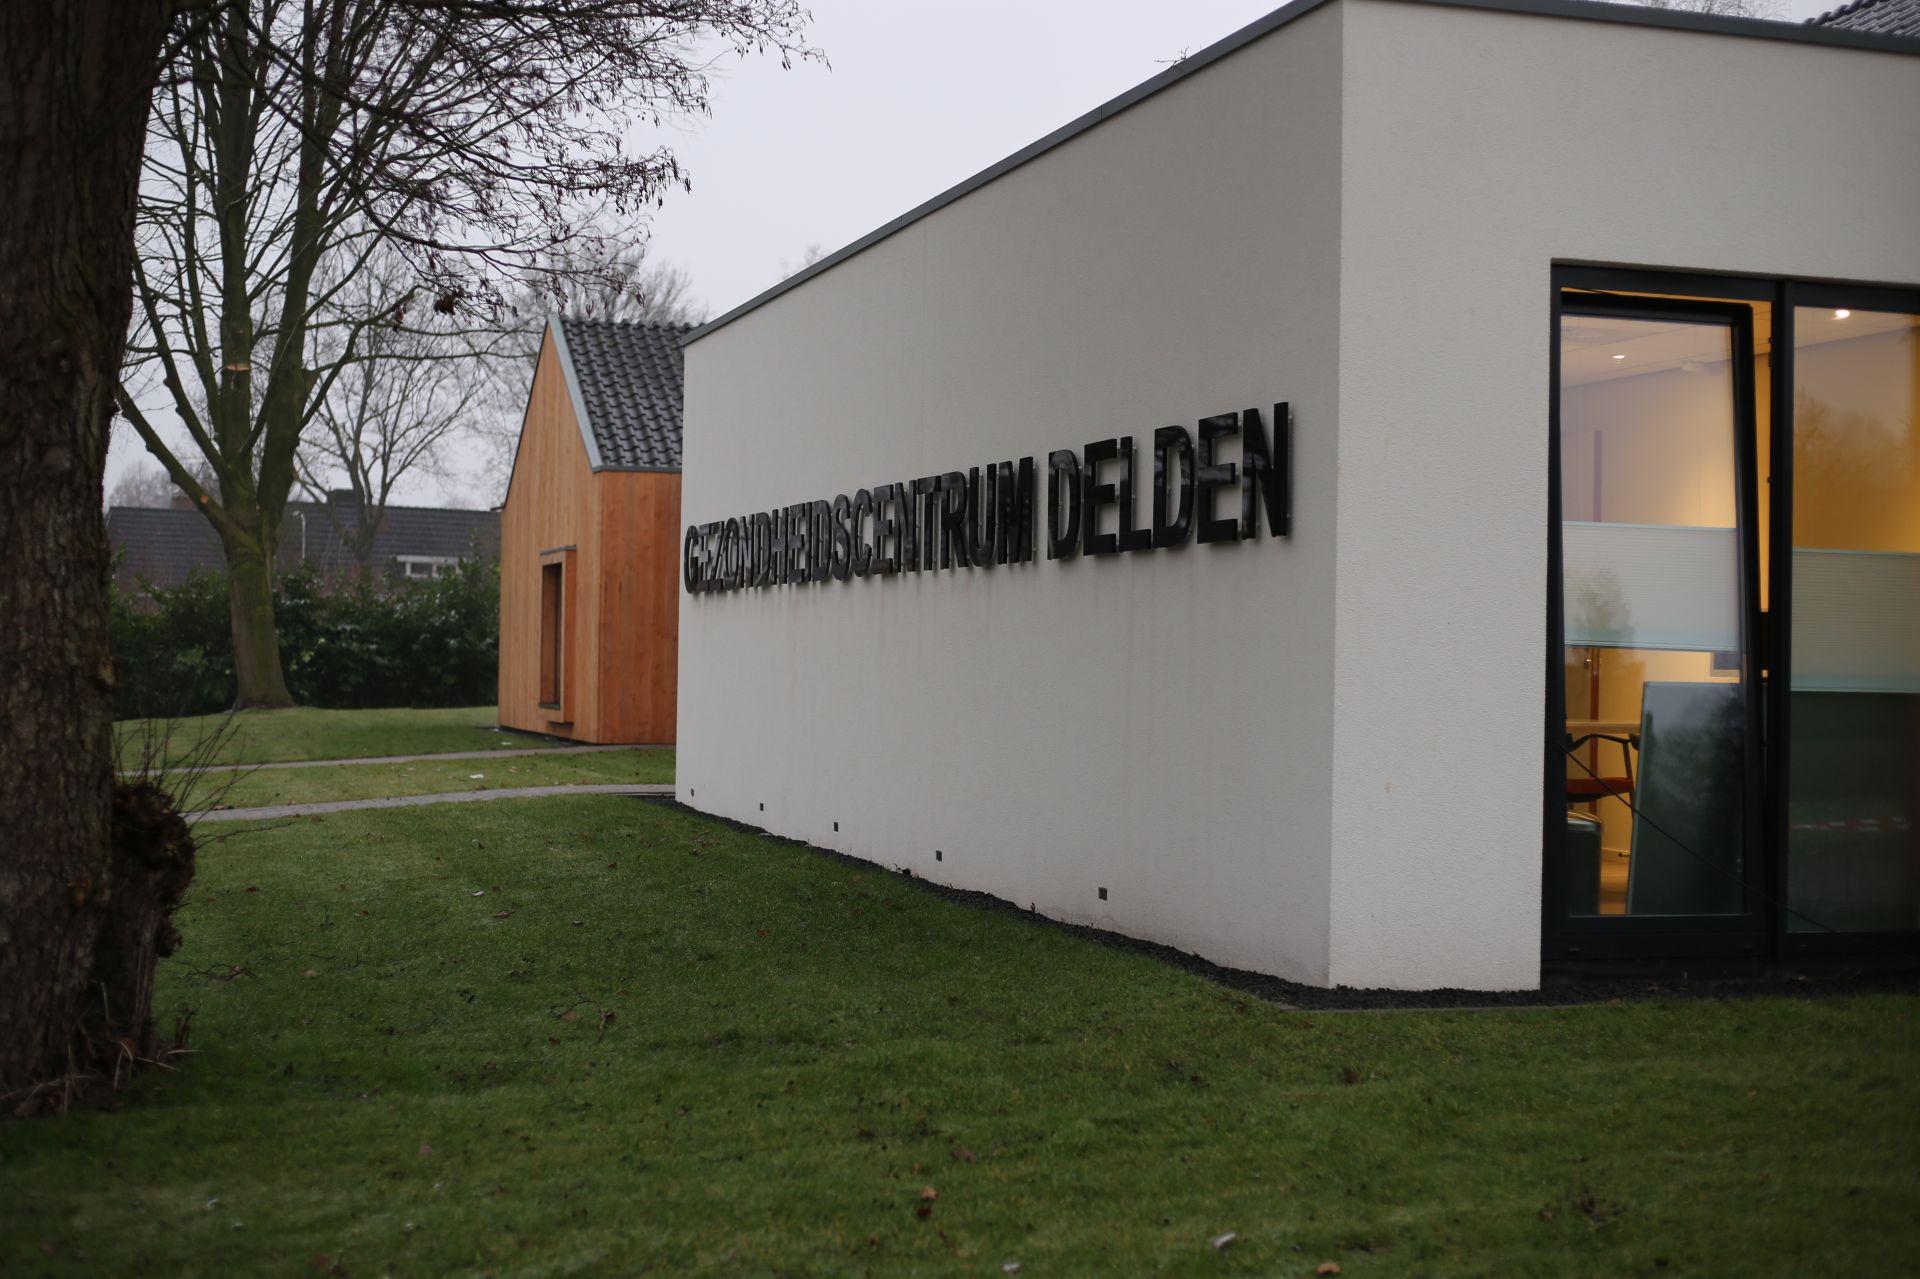 'Gezondheidscentrum aanwinst voor Delden'